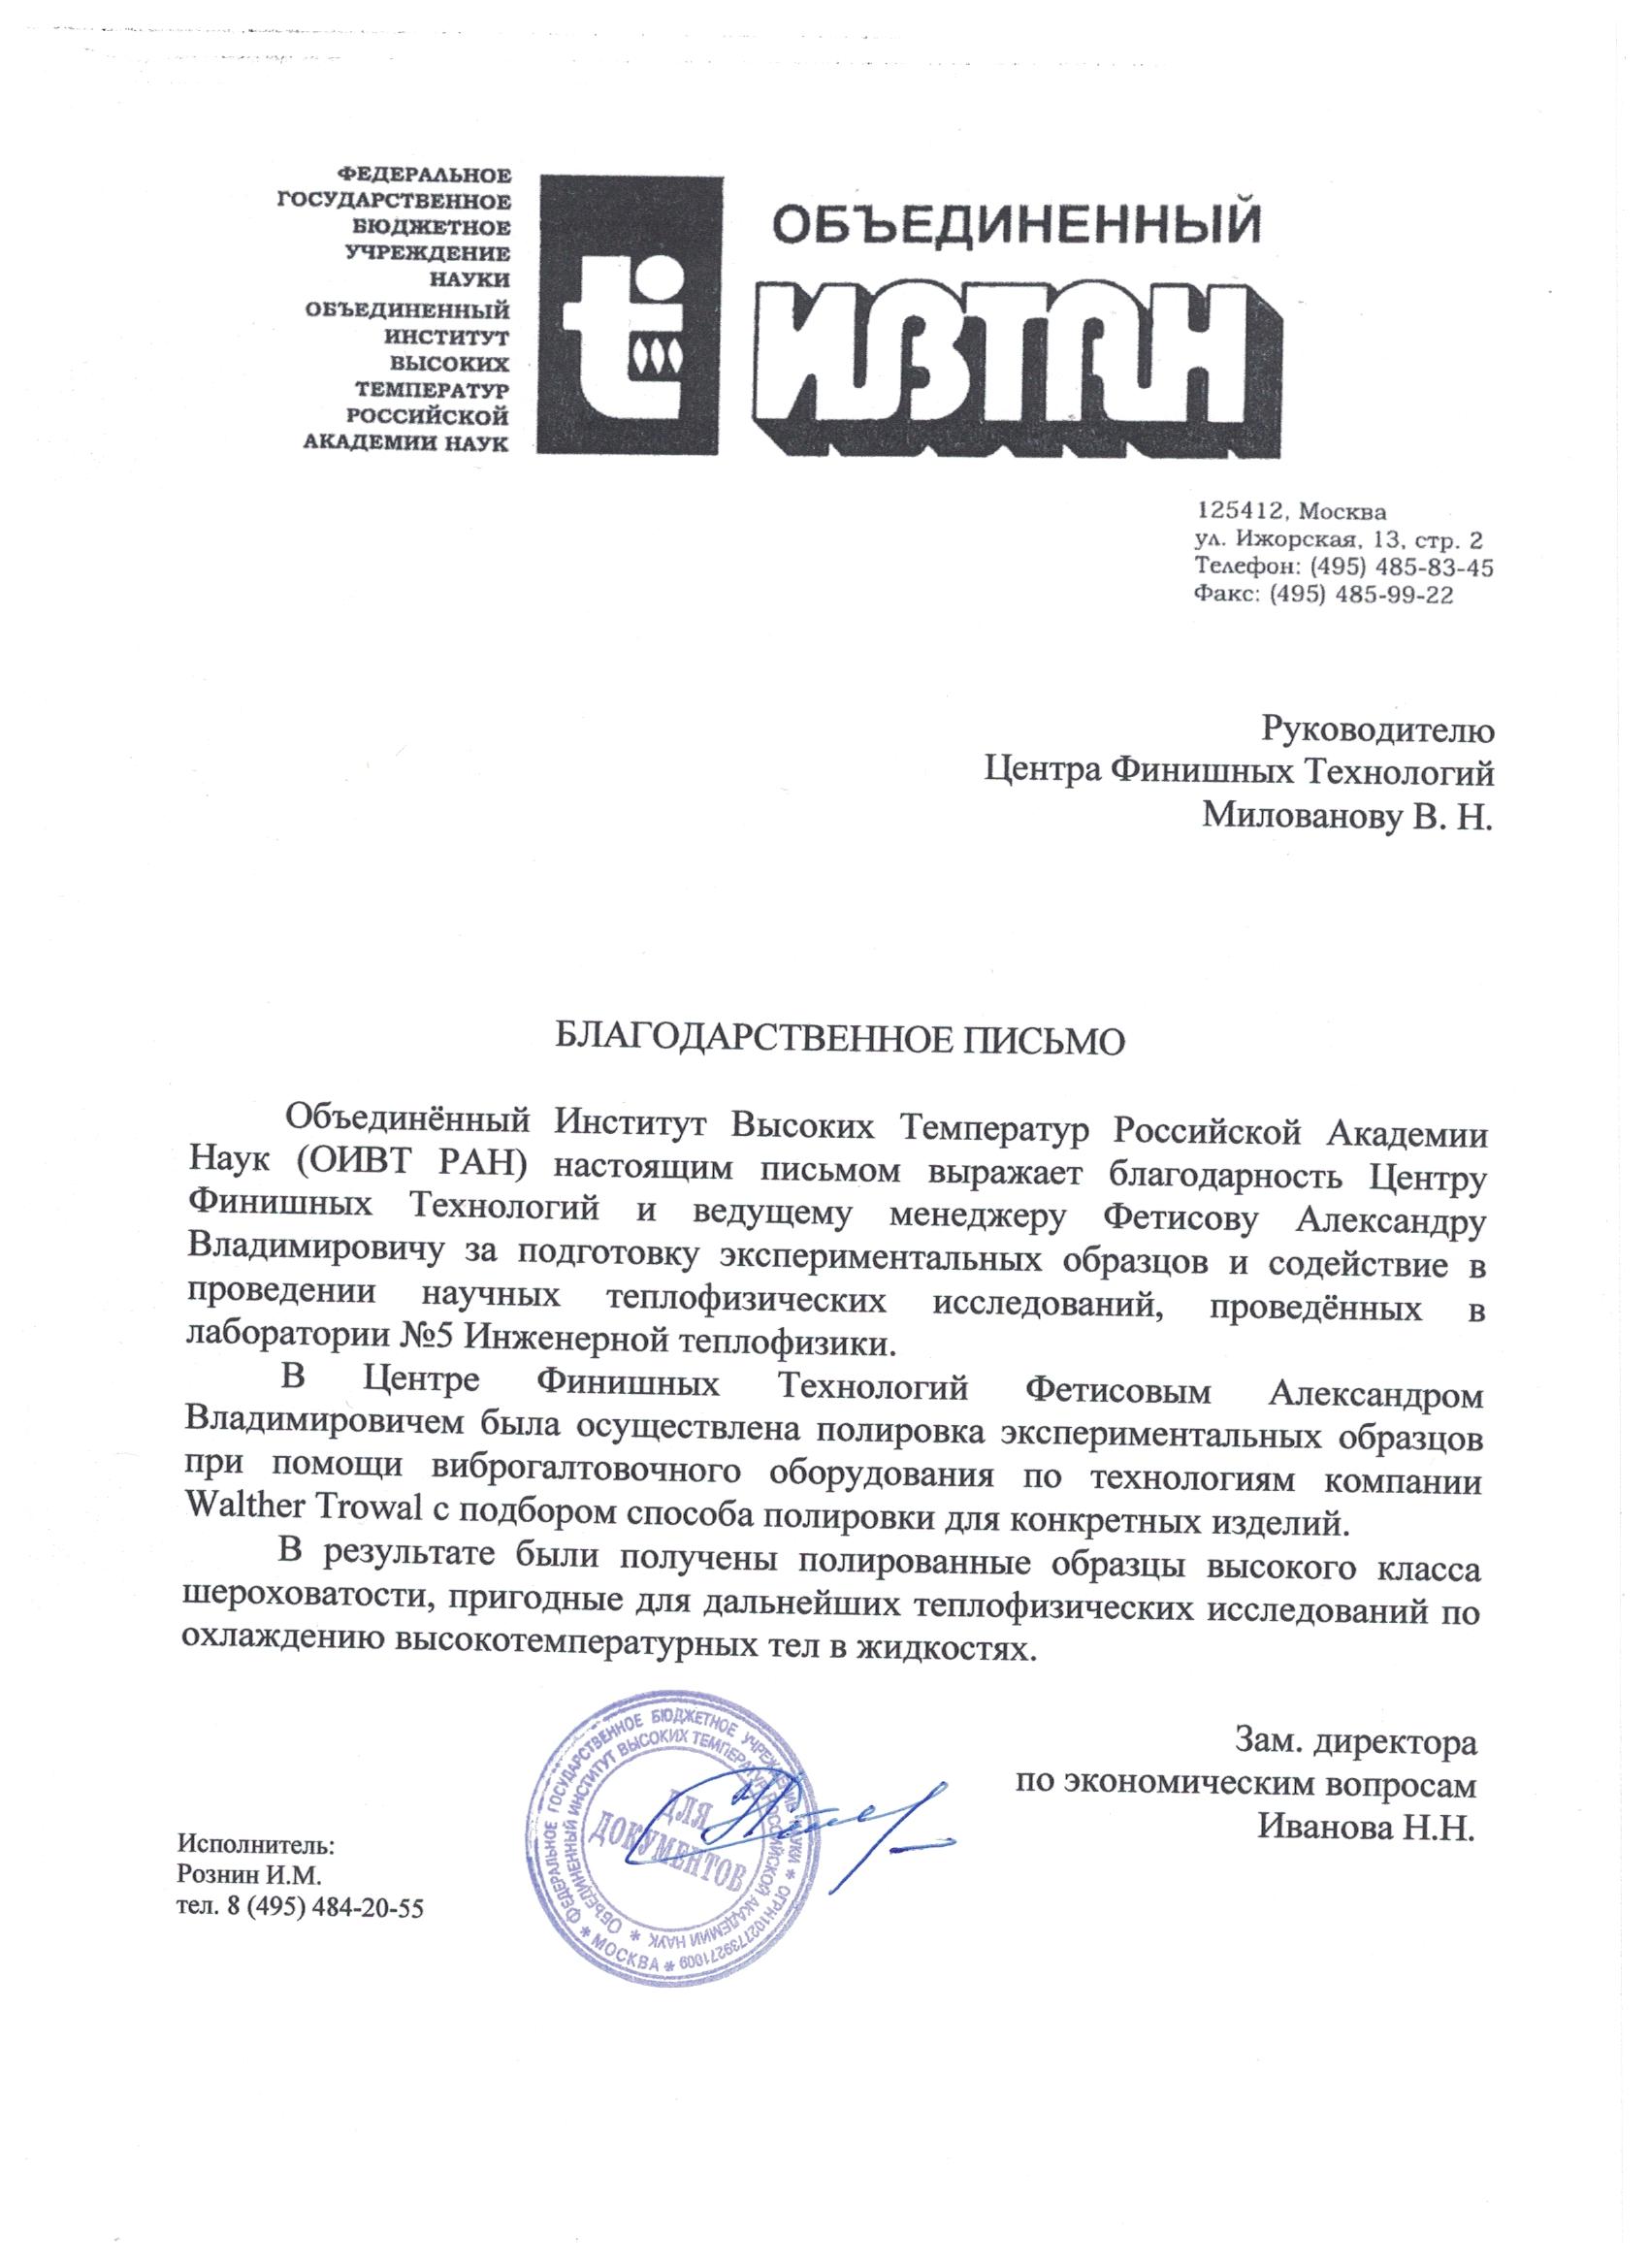 ОИВТ РАН